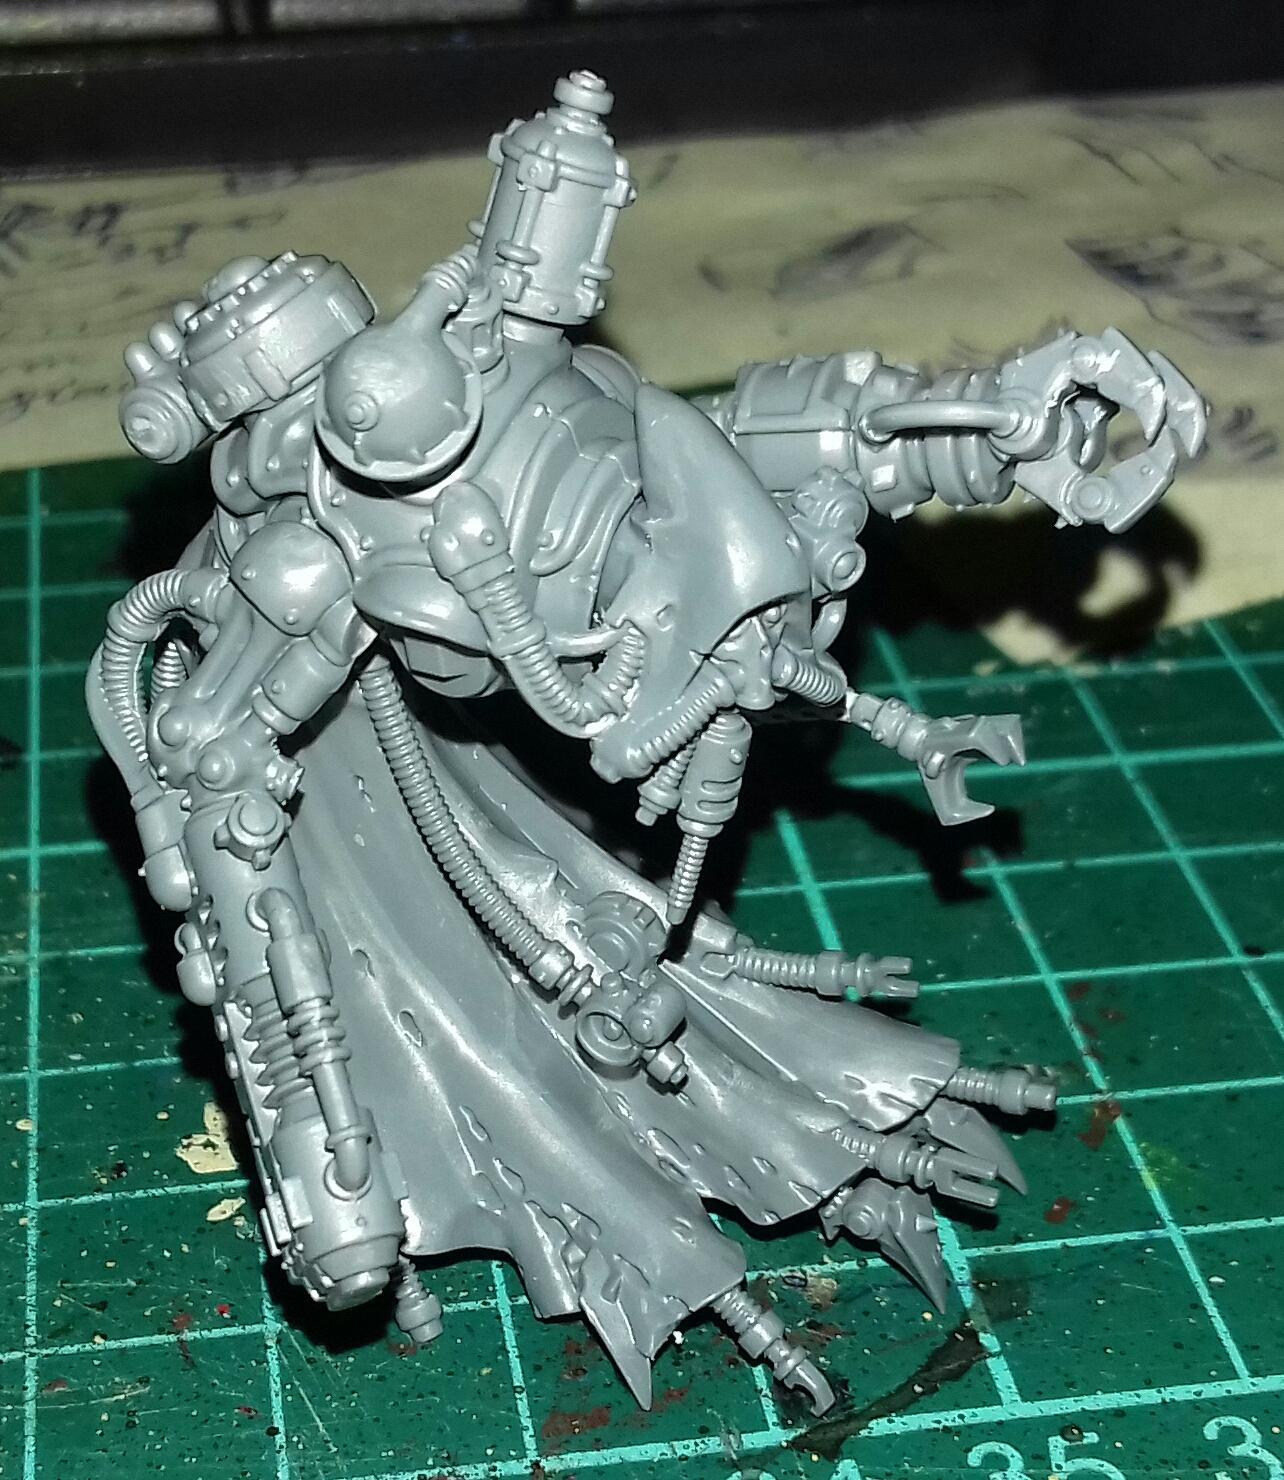 Inq28, Inquisitor, Magos Dominus, Mechanicus